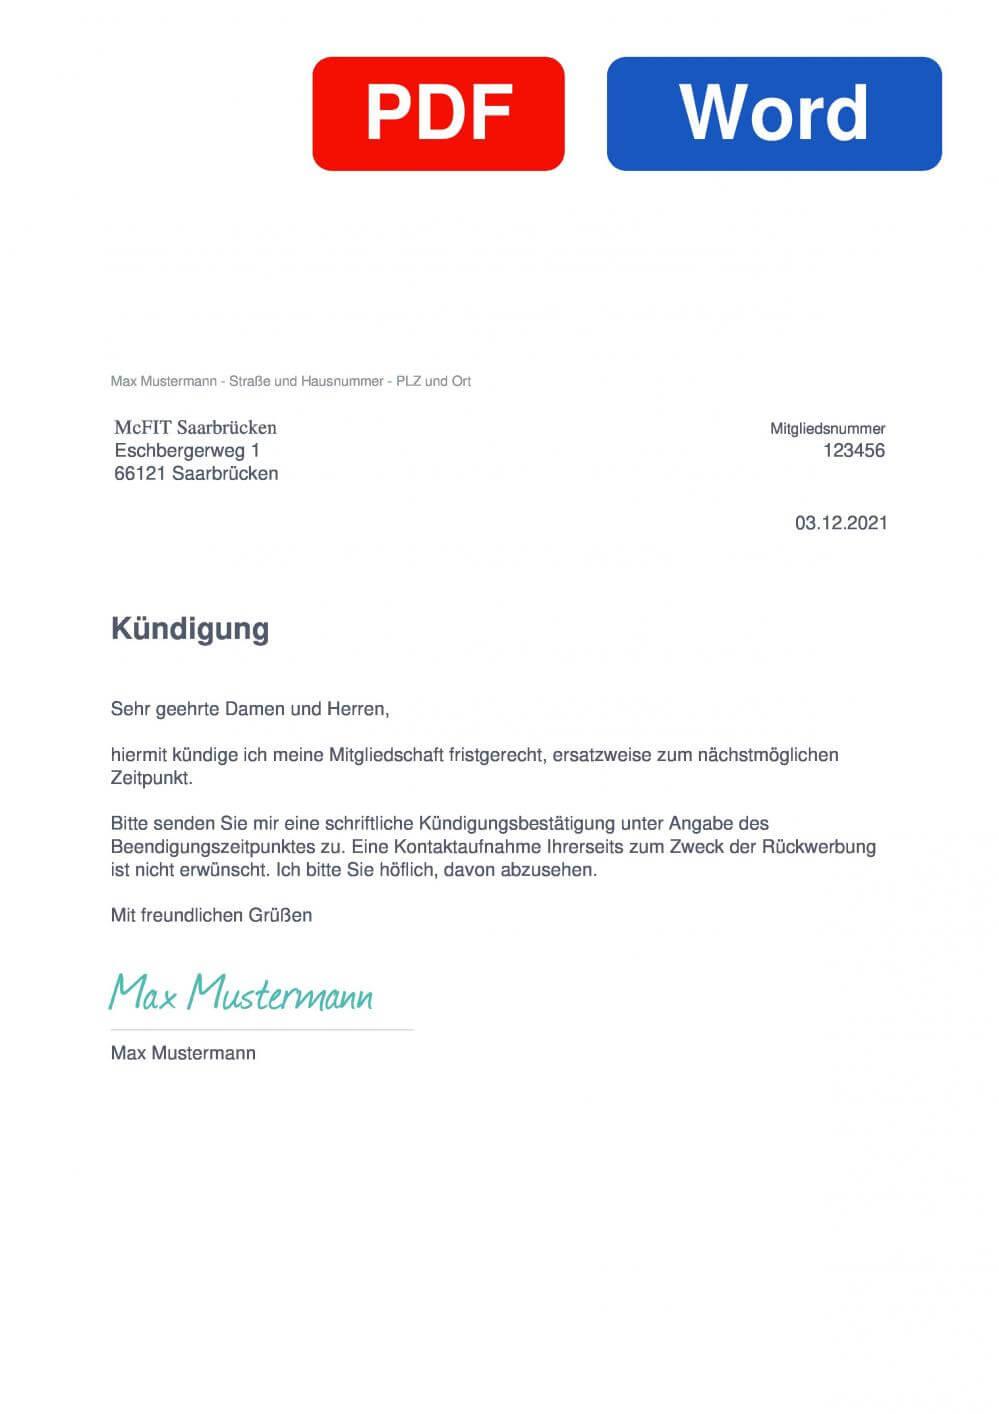 McFIT Saarbrücken Muster Vorlage für Kündigungsschreiben